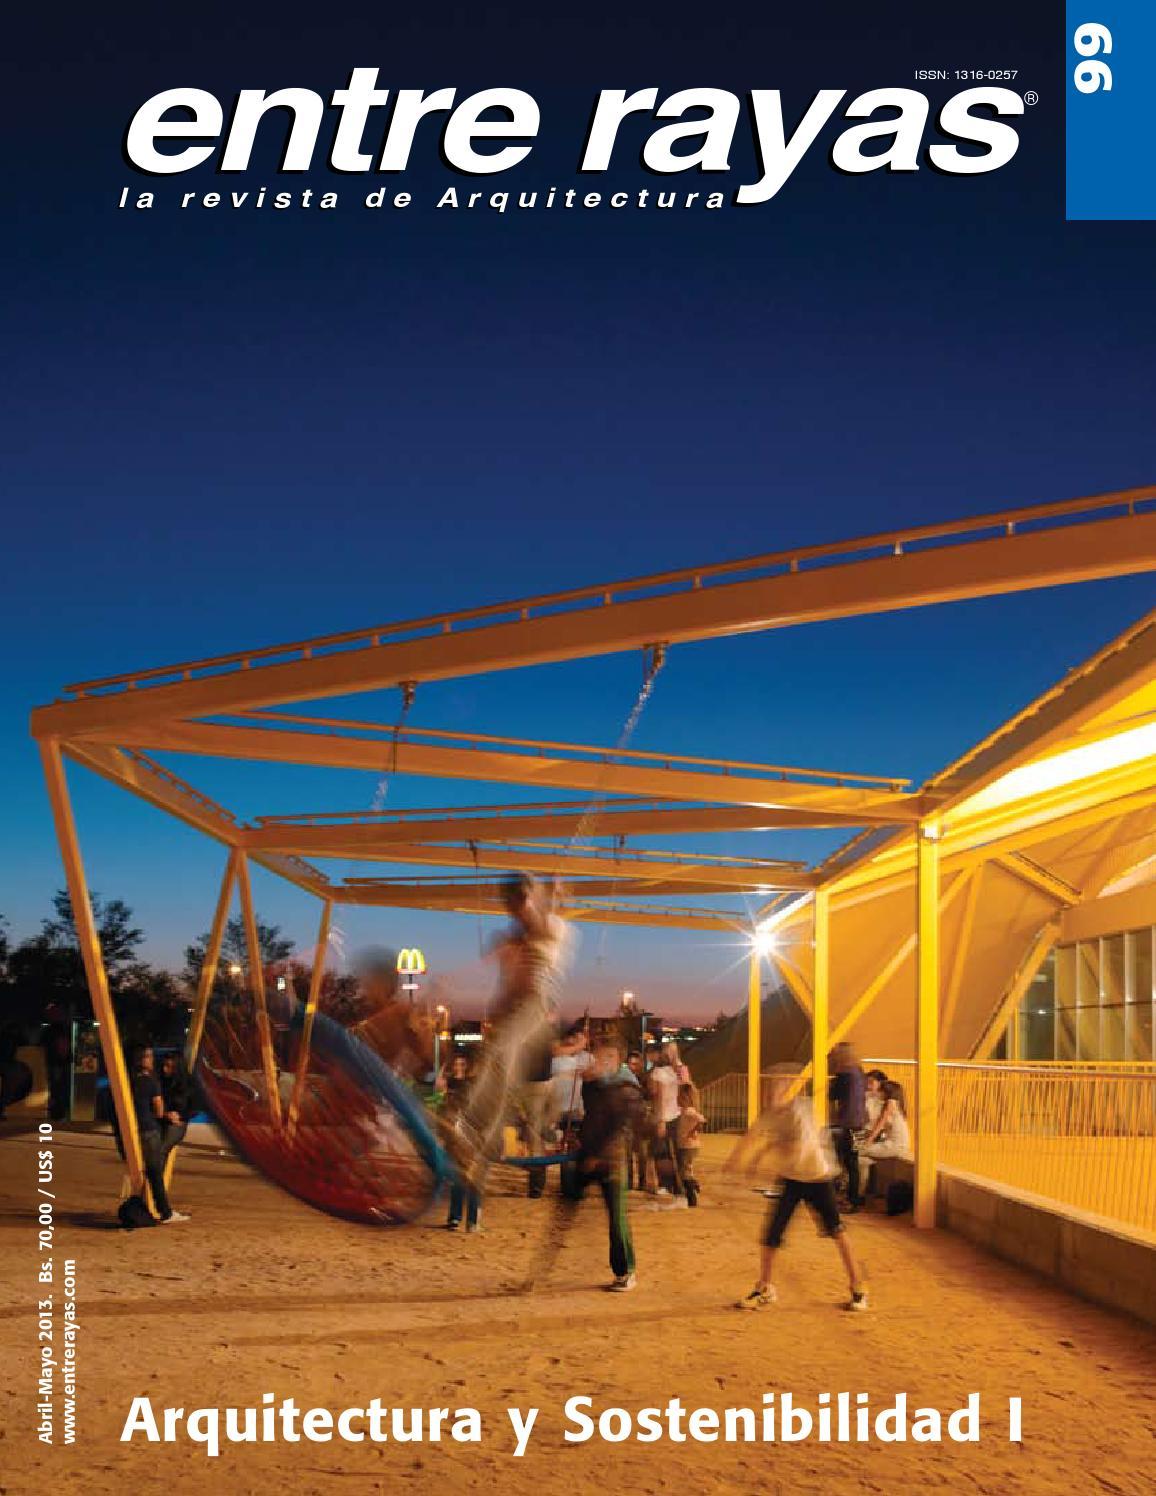 entre rayas 99 arquitectura y sostenibilidad i by